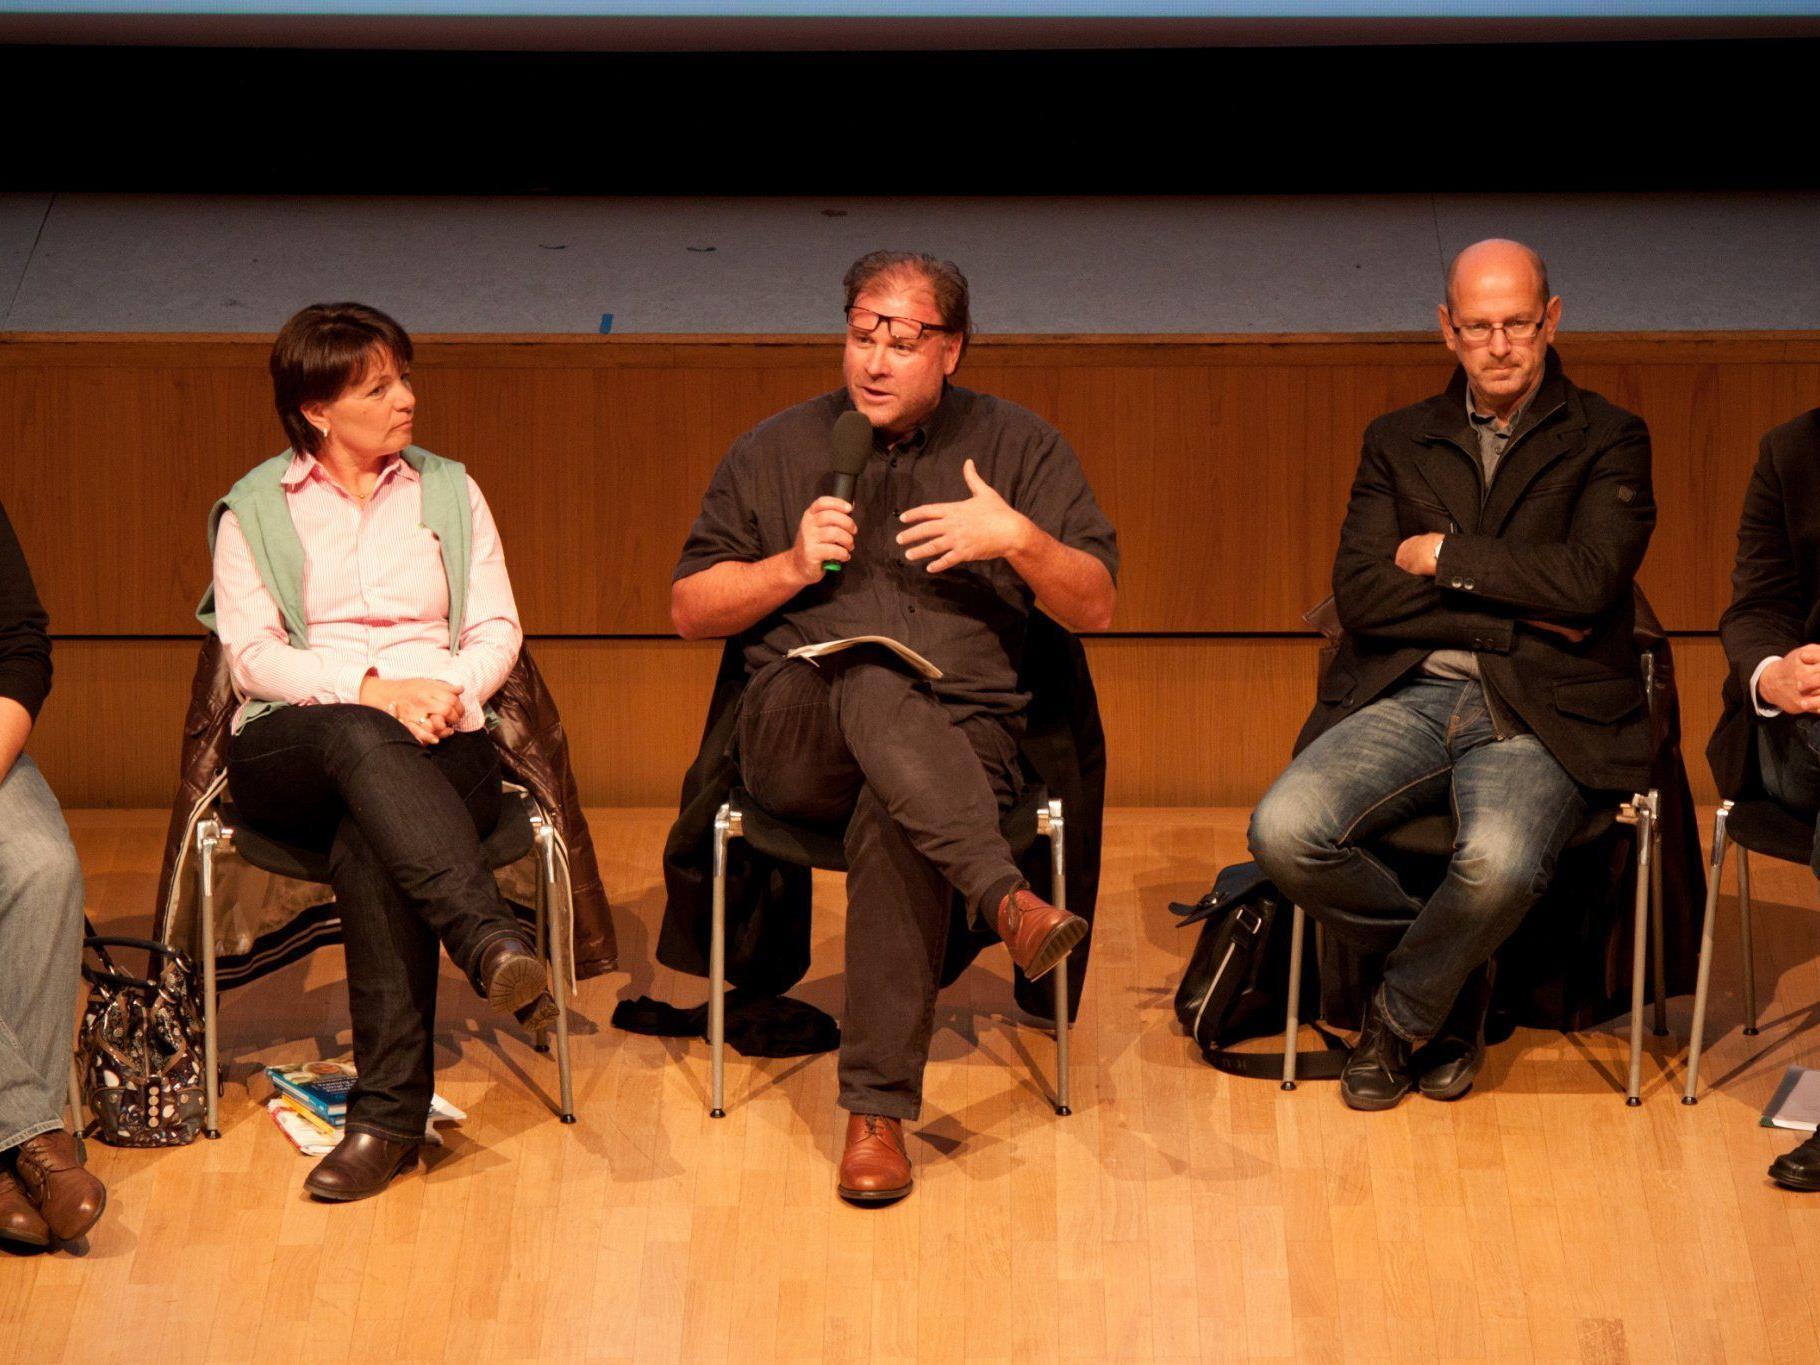 An der Mobbing Diskussion beteiligt: Hemma Fröwis, Arno Dalpra & Klaus Bitsche (v.l.)